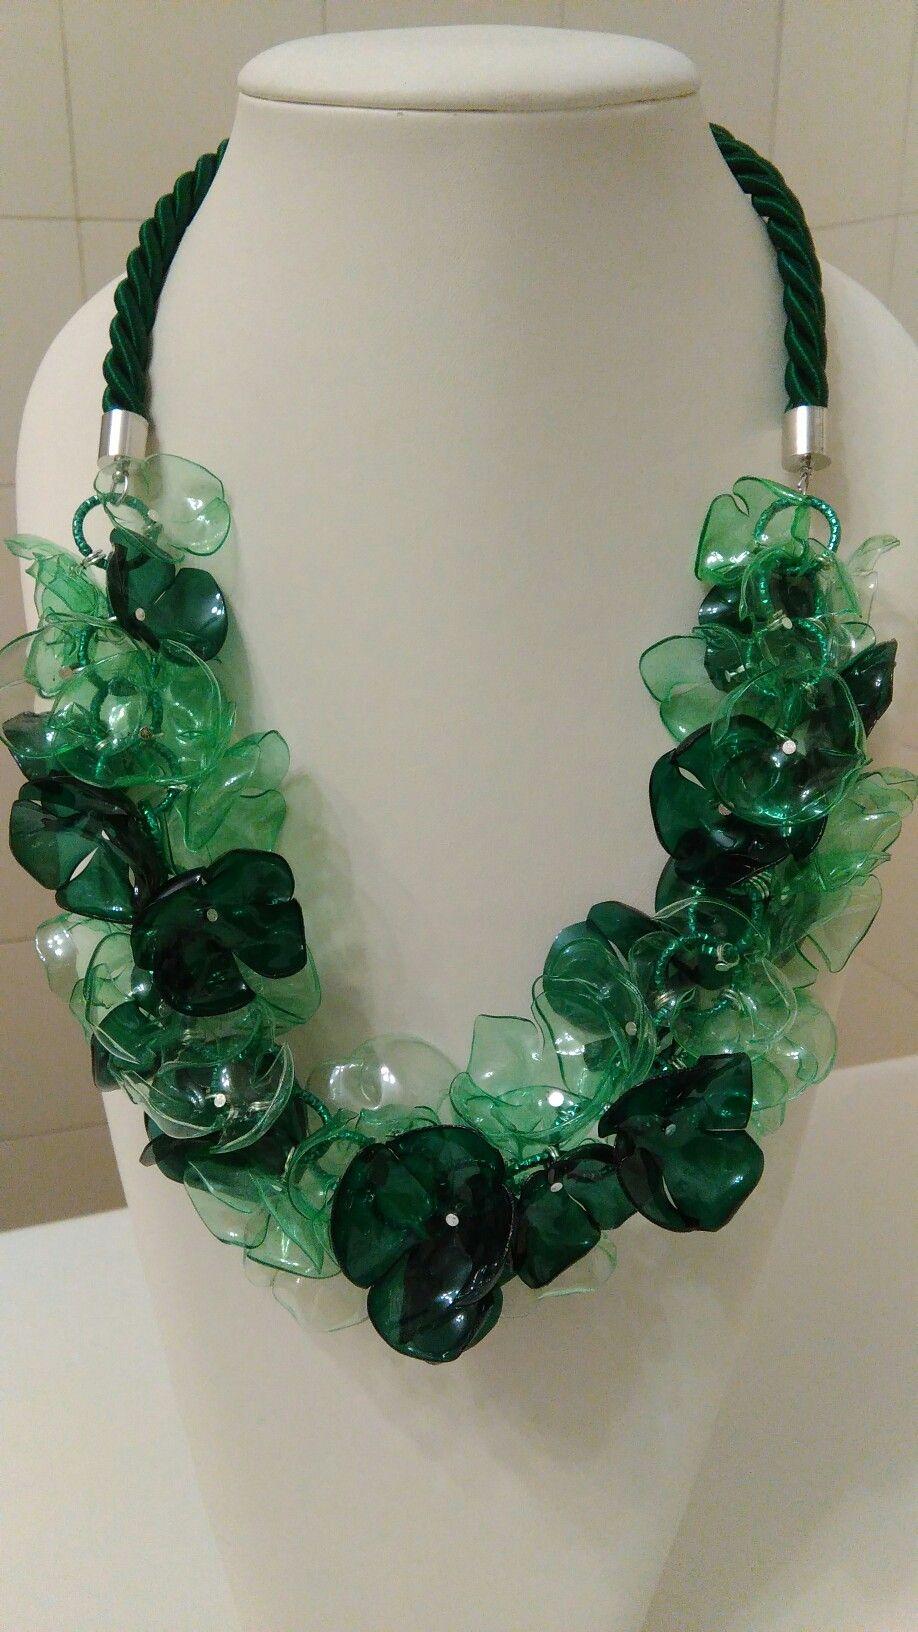 Collana verde. Plastica riciclata, effetto vetro ...